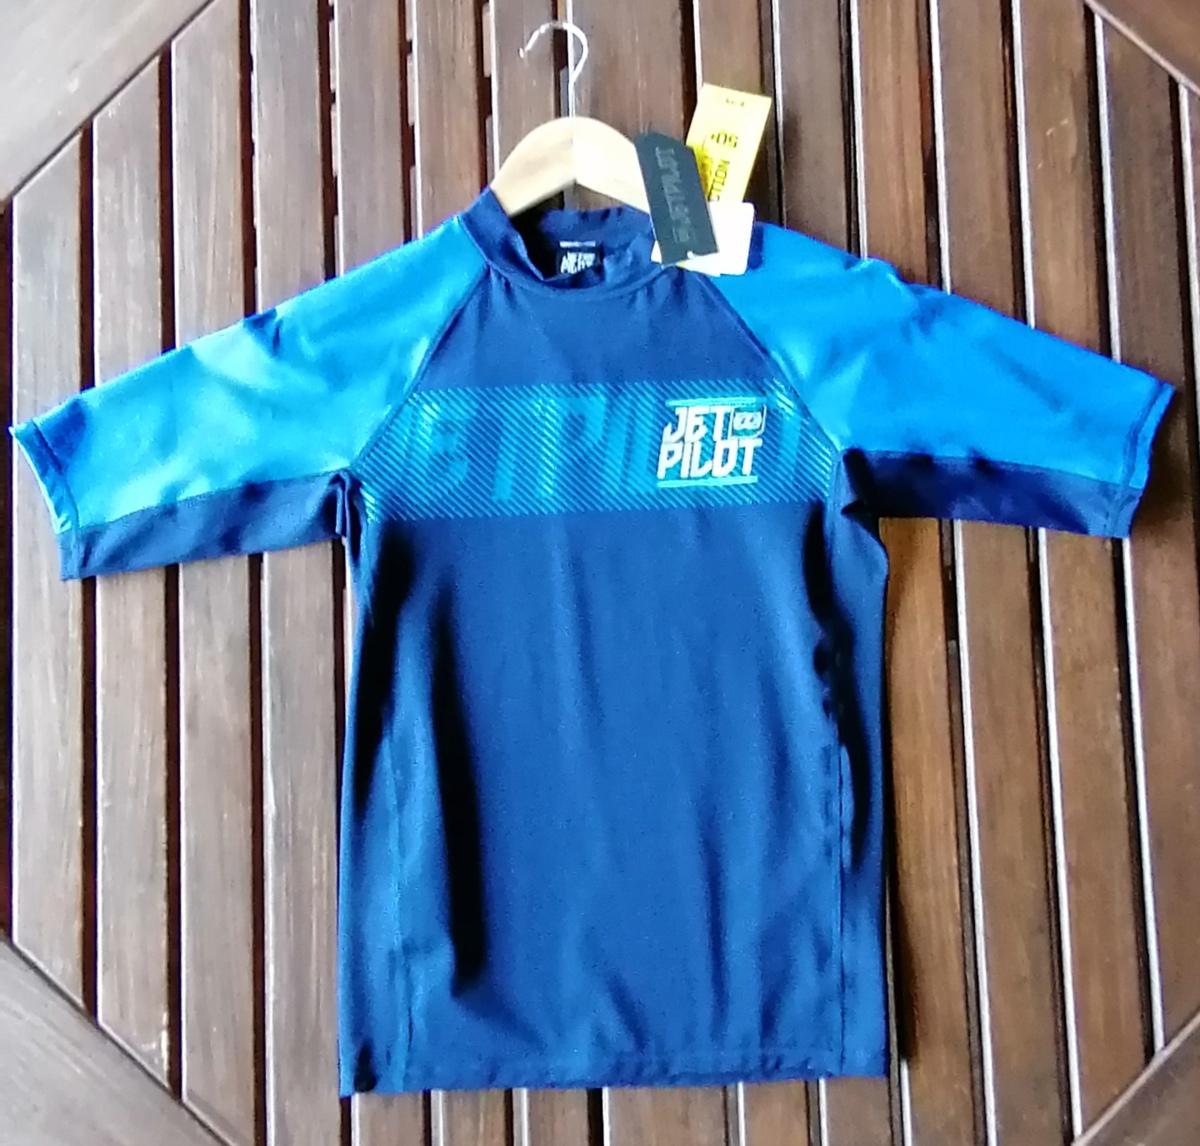 ★☆新品 店頭販売品 JETPILOT ラッシュガード S17502 半袖 サイズM ブルー☆★_画像1